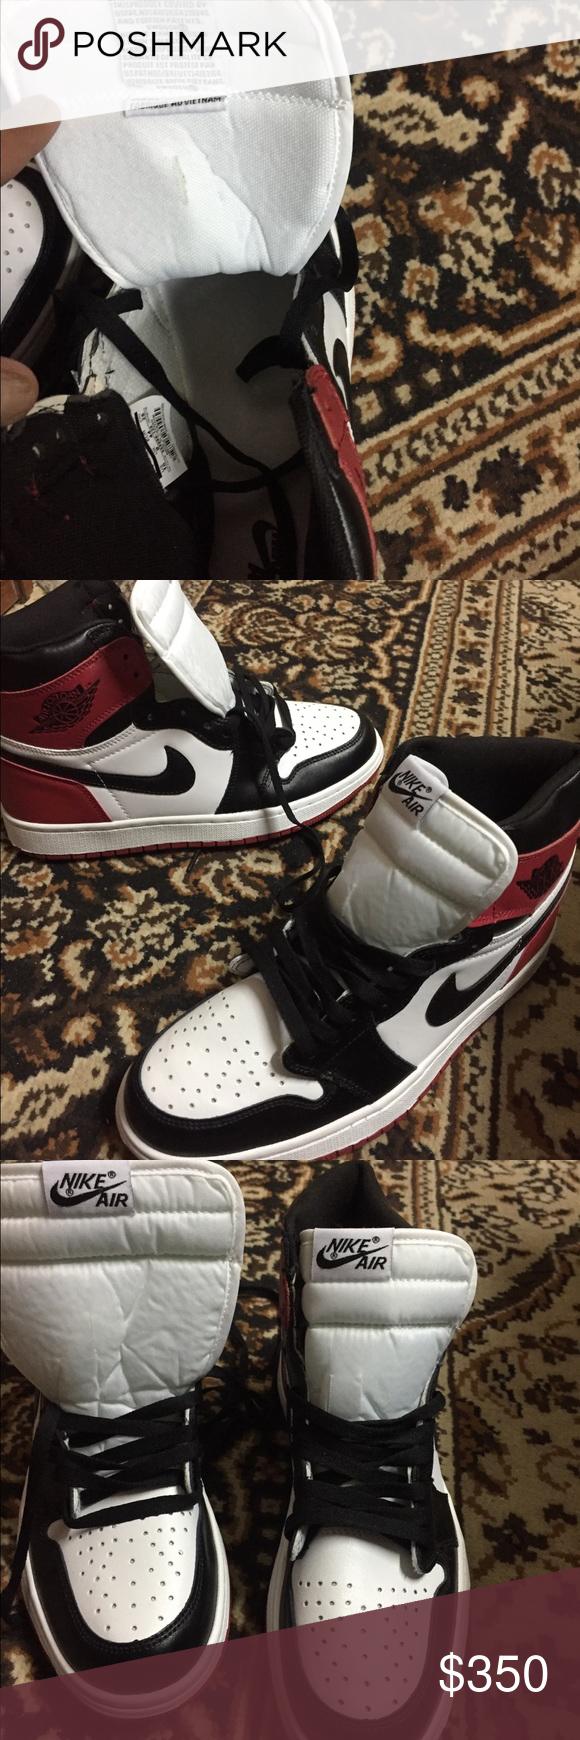 more photos 9f550 8df15 Air Jordan 1 retro high og black toe 2016 release 2016 Air Jordan 1 retro  high og black toe 555088 125 original featuring original  Nike Air   branding on ...